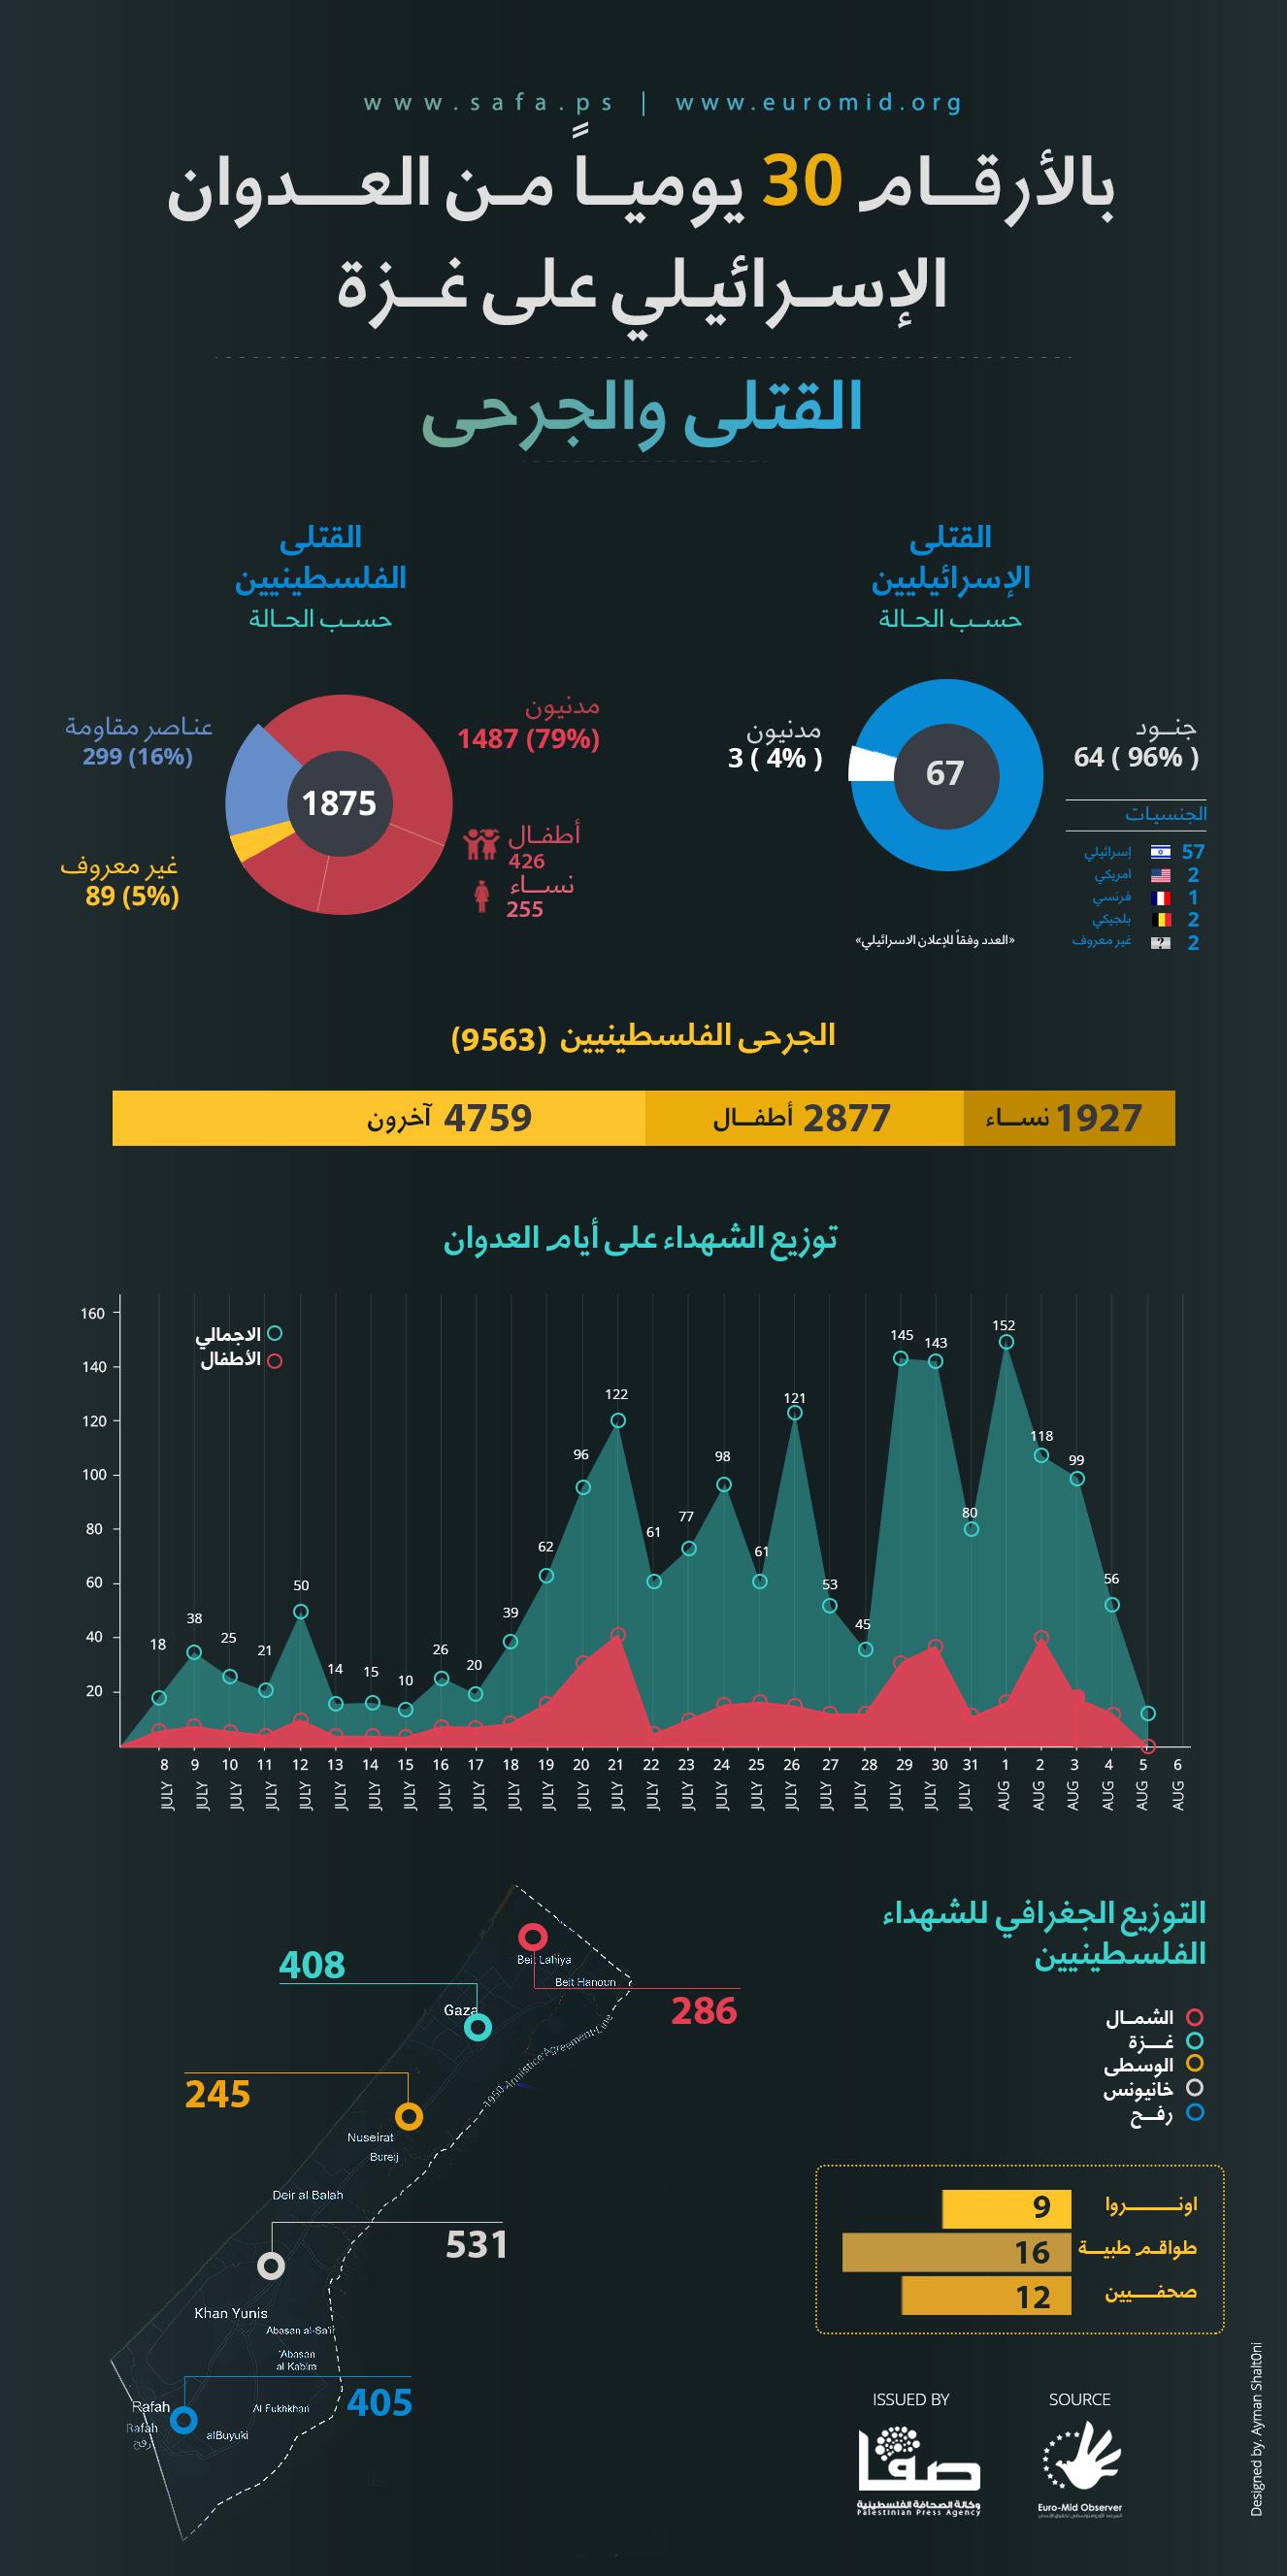 30 يوما من العدوان الإسرائيلي على غزة بالأرقام